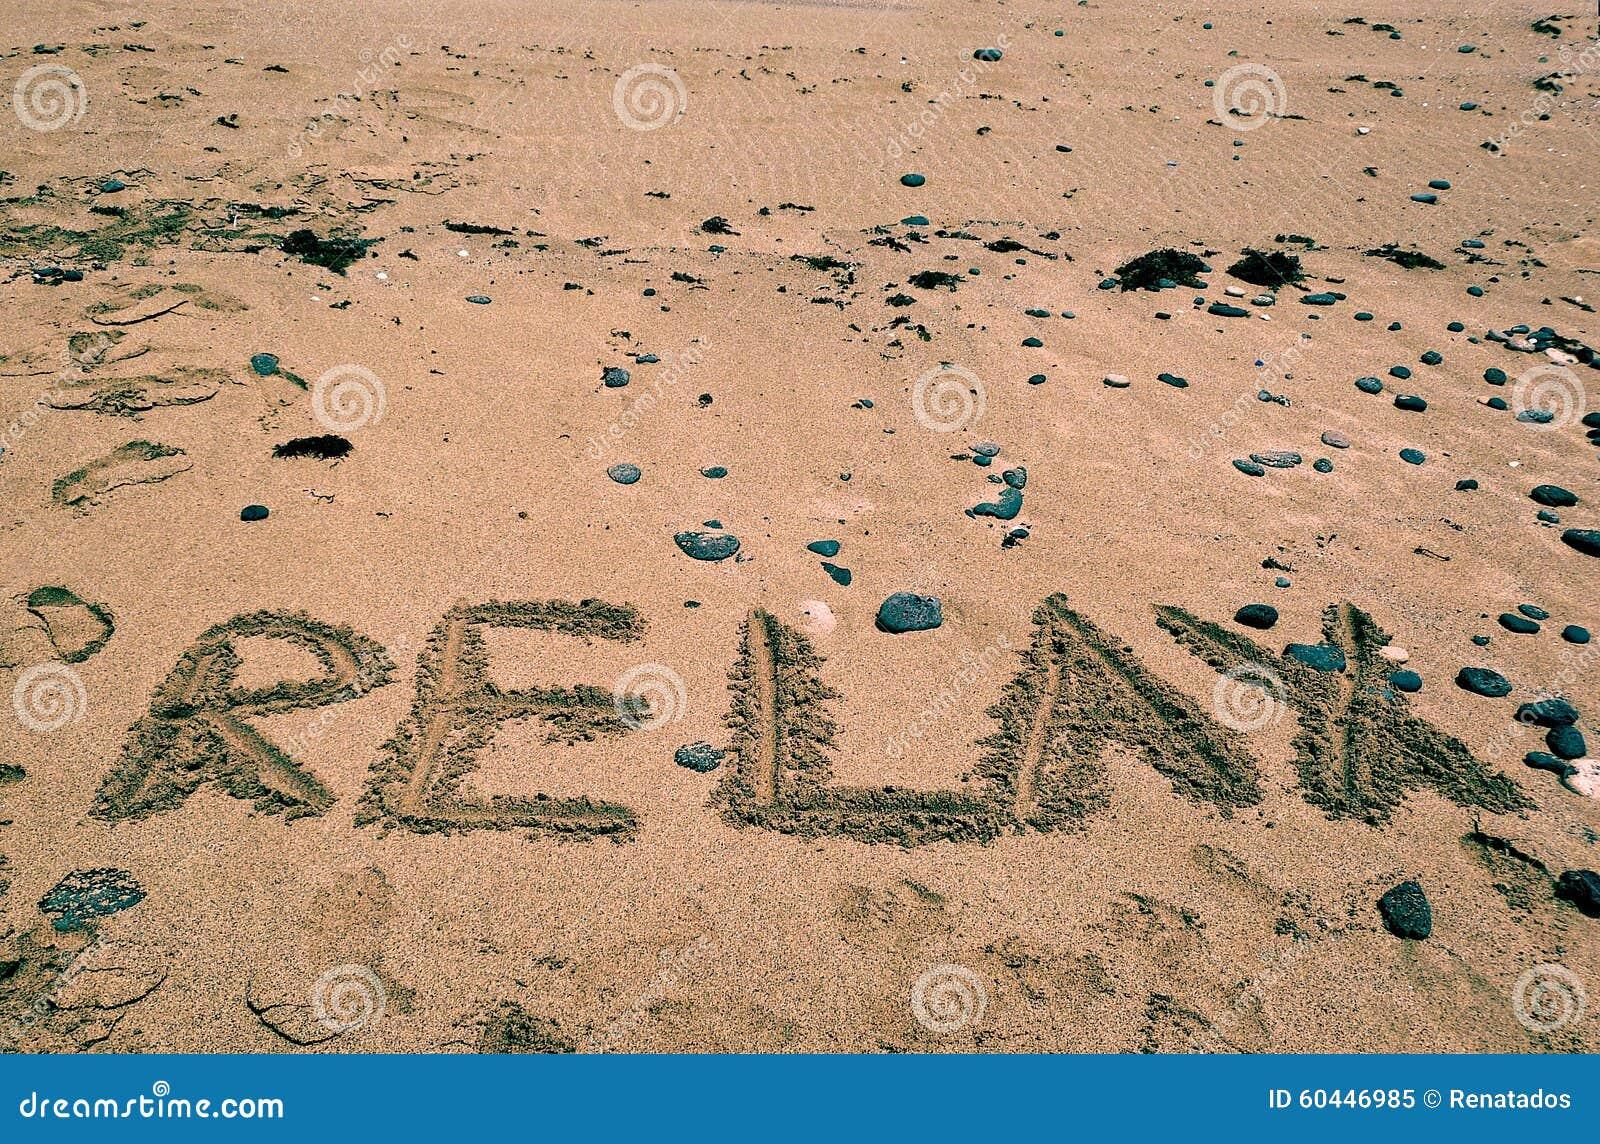 El fondo de los días de fiesta con RELAJA la palabra escrita en la playa arenosa Fondo de los días de fiesta Verano En relaje el